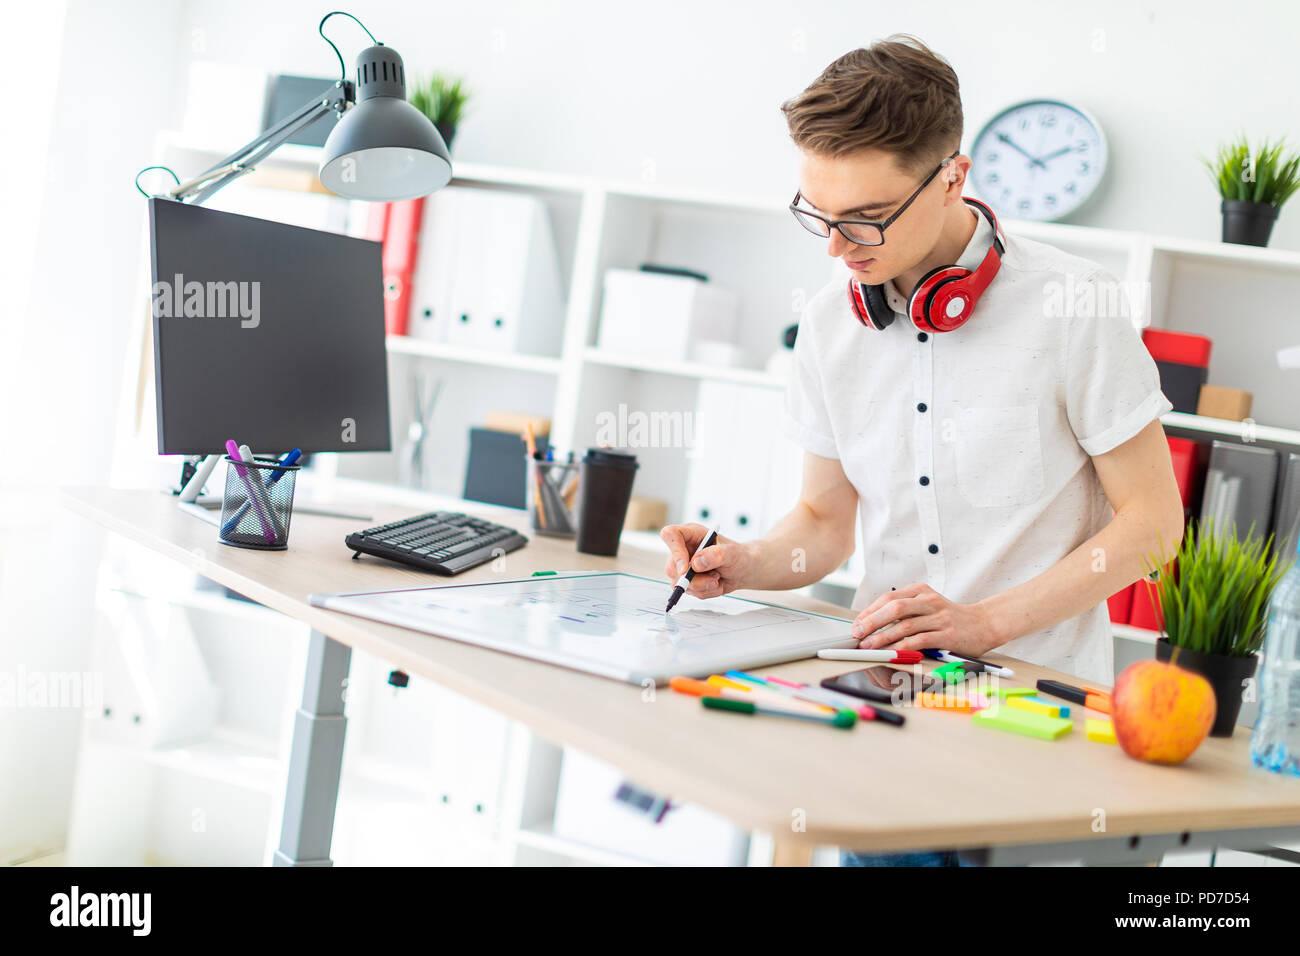 Un giovane uomo in bicchieri sorge vicino a un computer desk. Un giovane uomo estrae un indicatore su una scheda magnetica. Sul collo, il ragazzo di appendere le cuffie. Immagini Stock